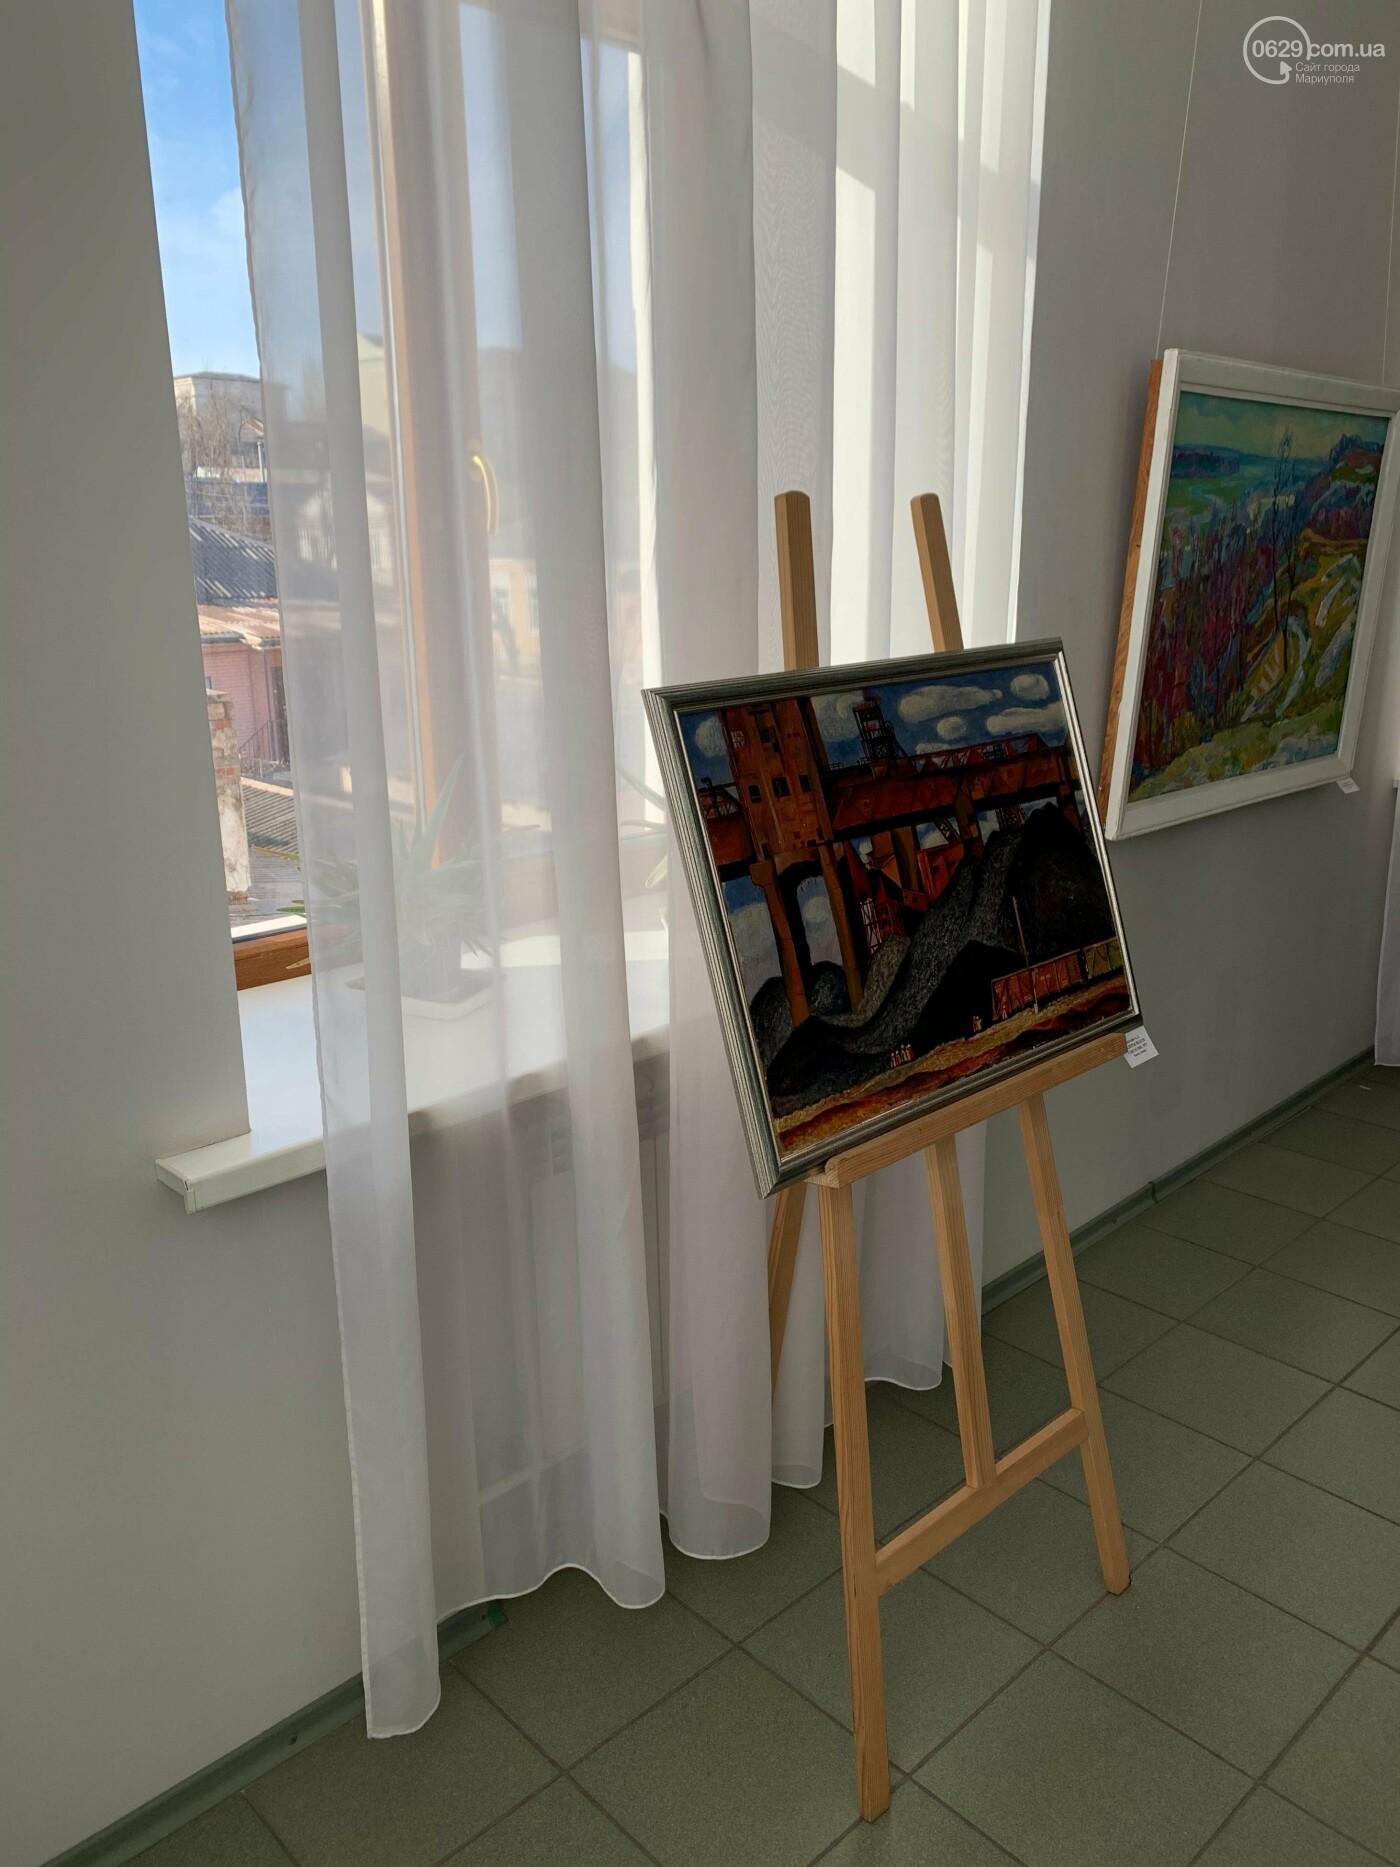 Гості з минулого. В Маріуполі відтворили виставку 1973 року, зібрав 60 шедеврів живопису - ФОТОРЕПОРТАЖ, фото-5